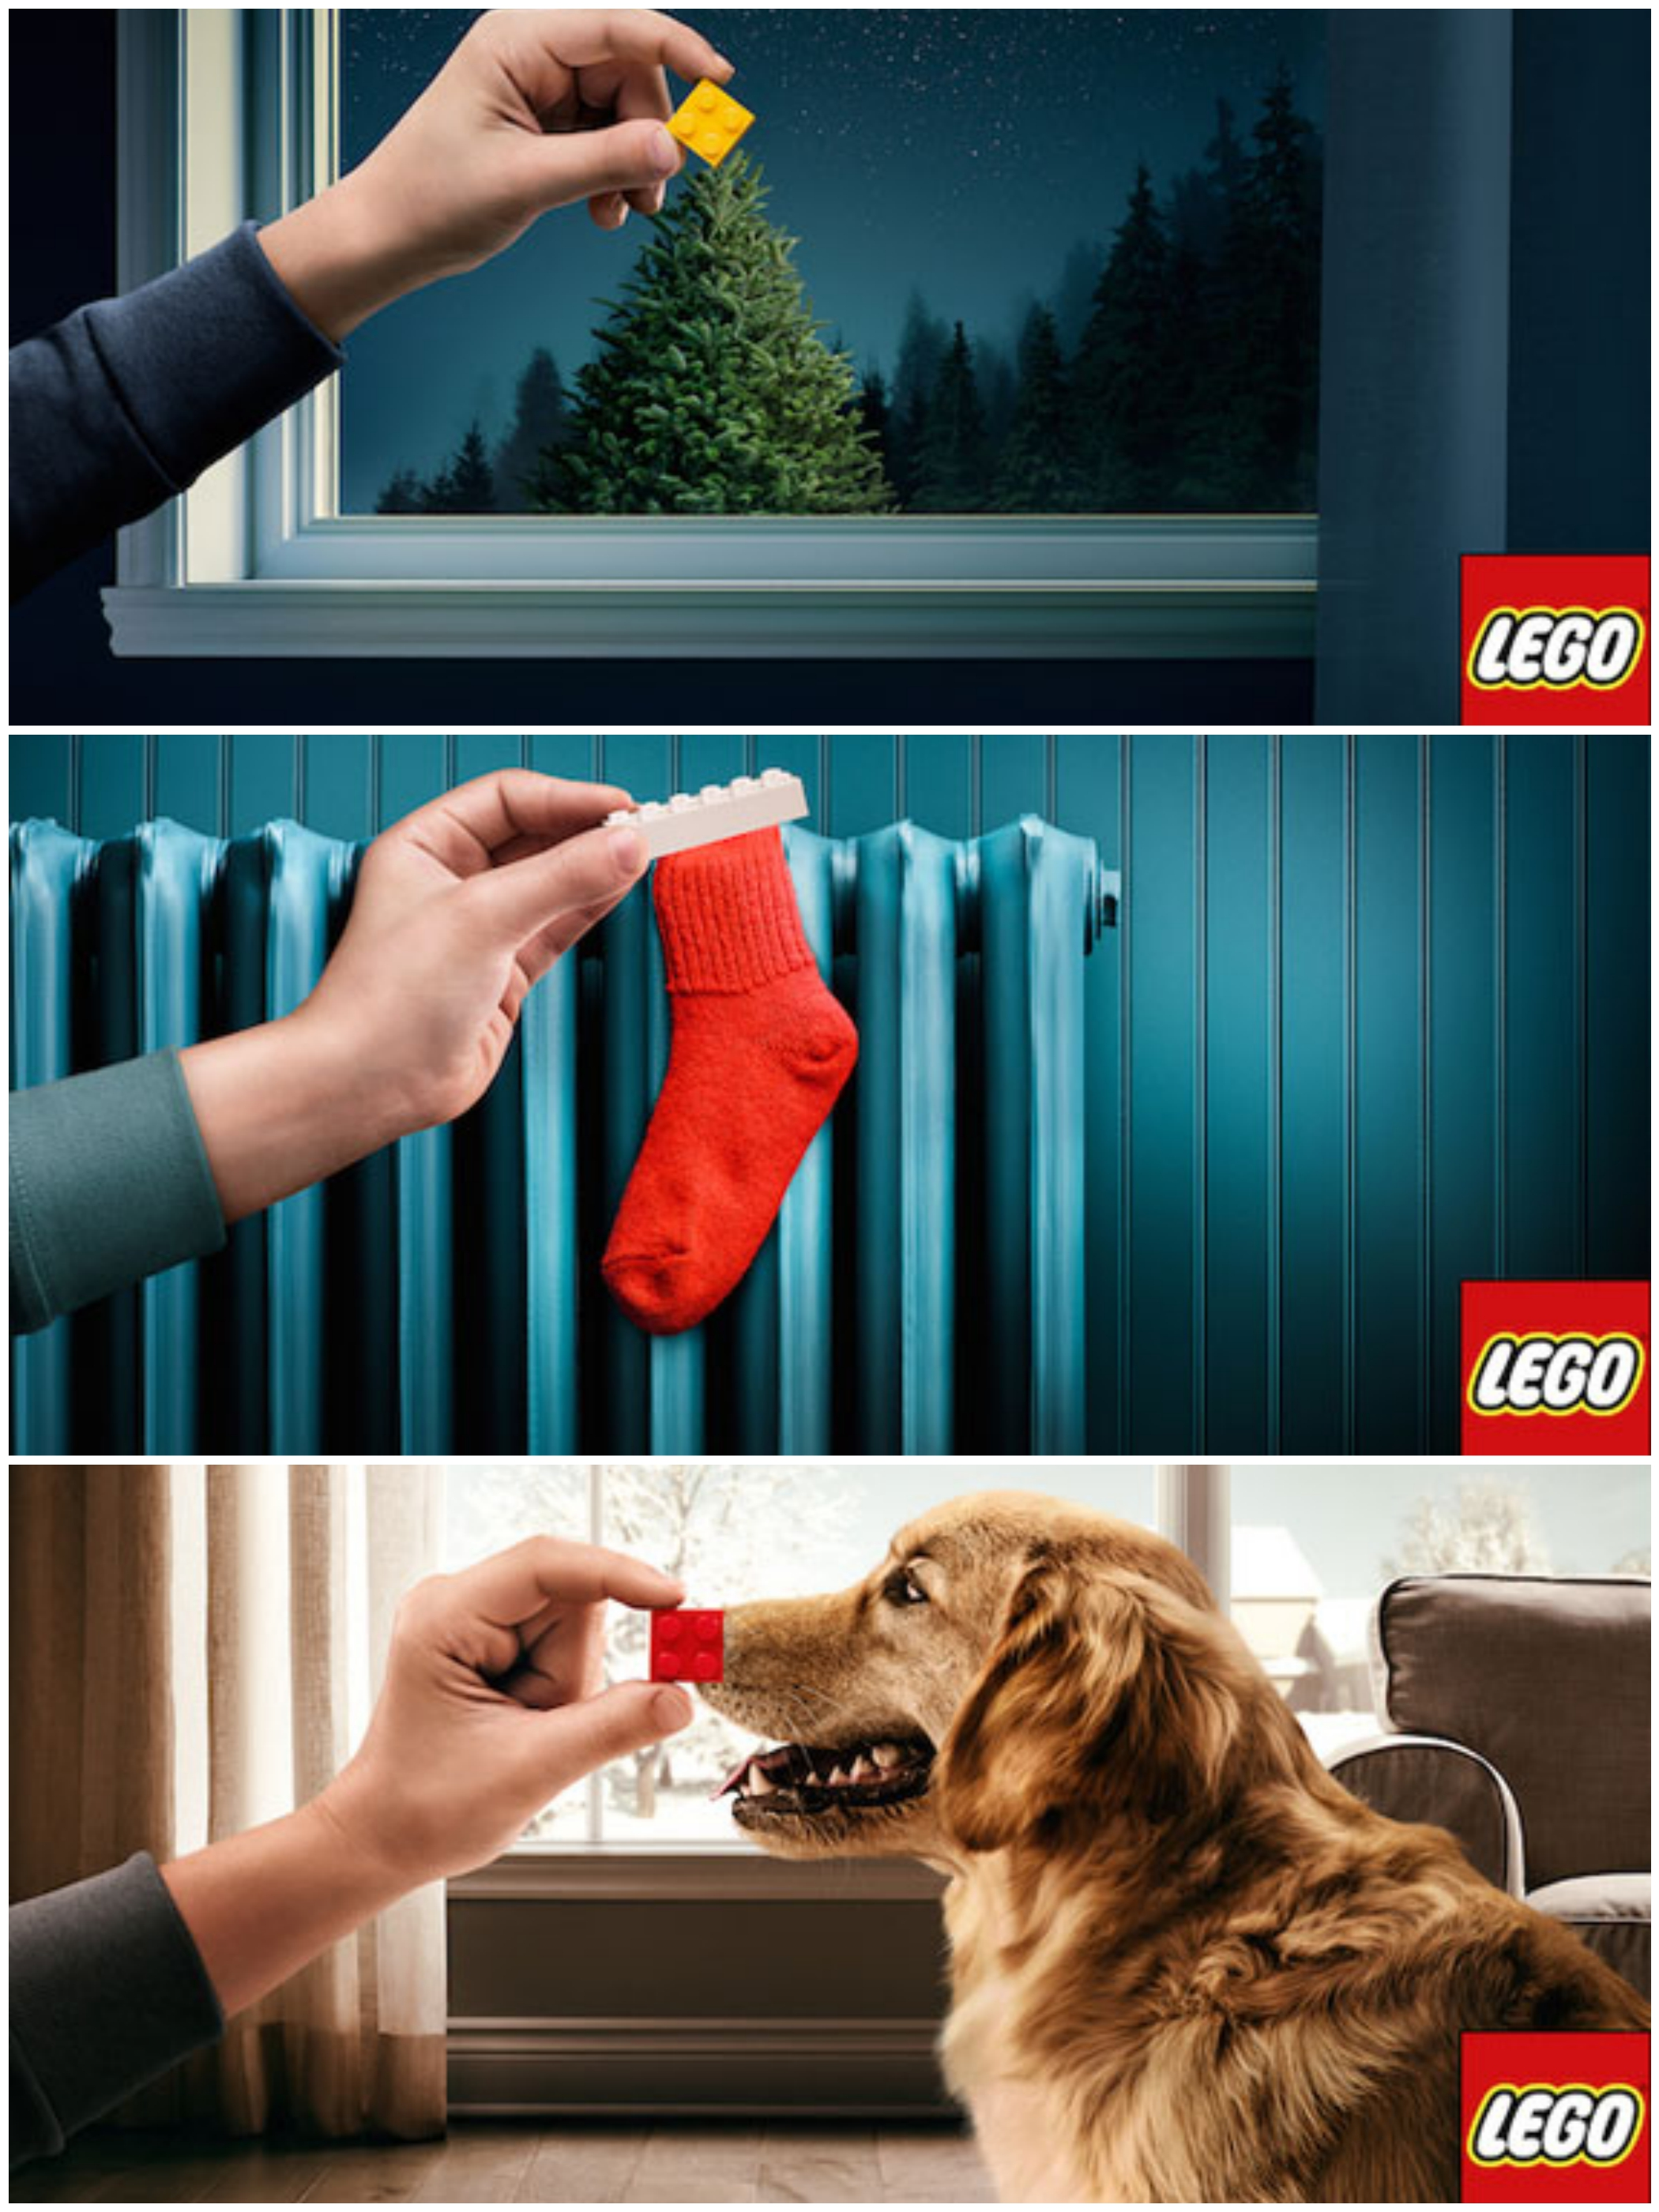 クリスマスキャンペーン